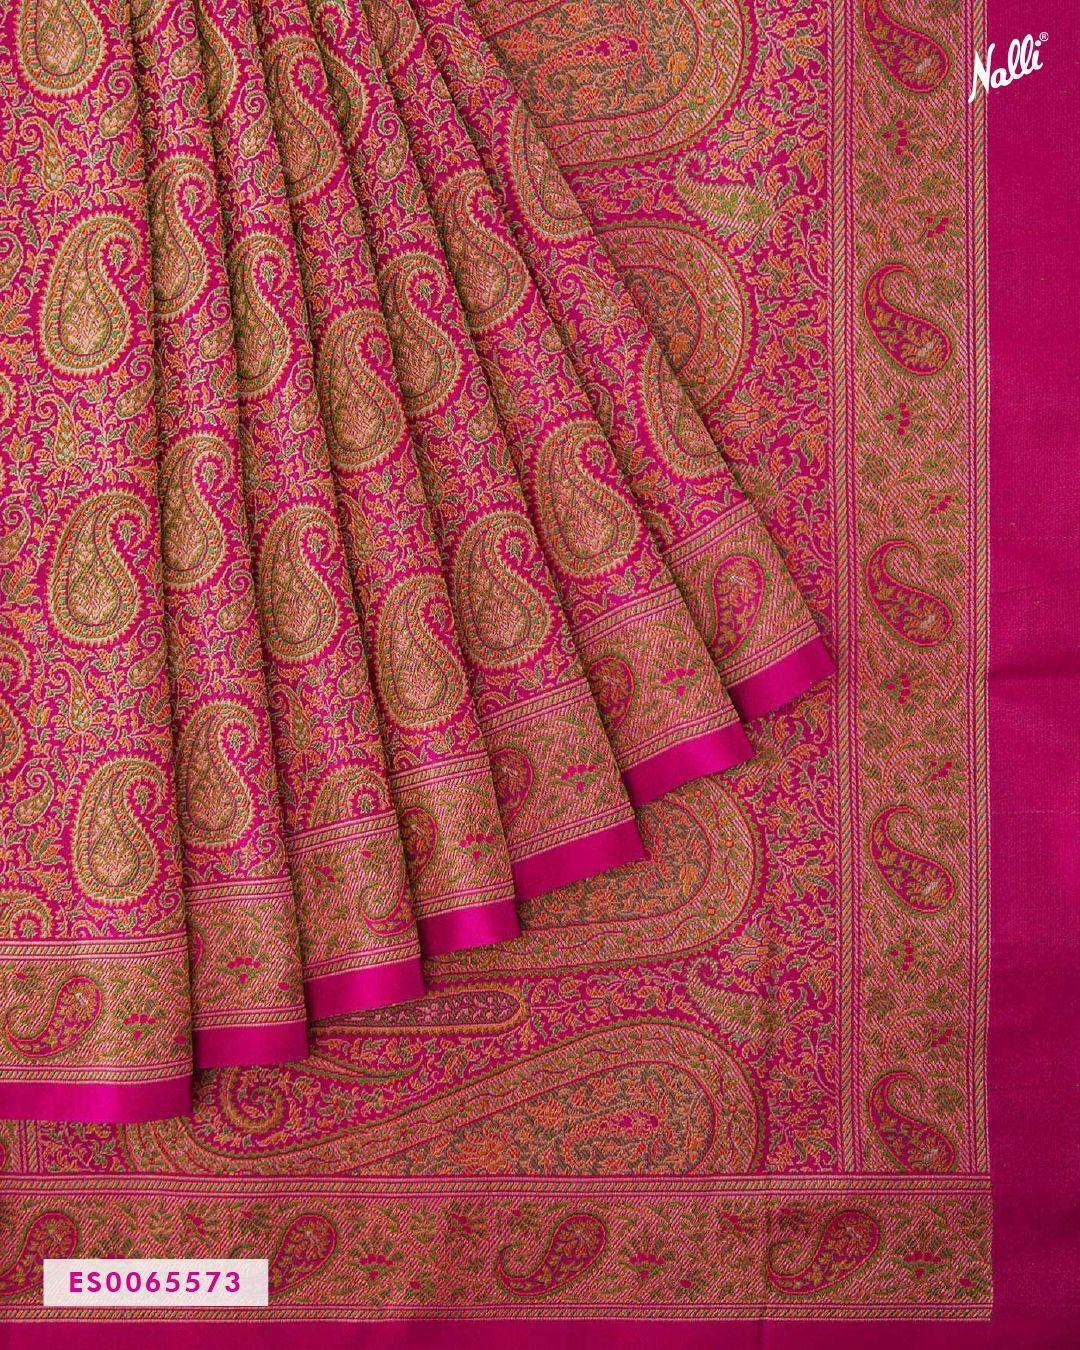 Pink Banarasi Tanchoi Silk Saree | Kanjivaram sarees silk, Saree trends,  Pure silk sarees